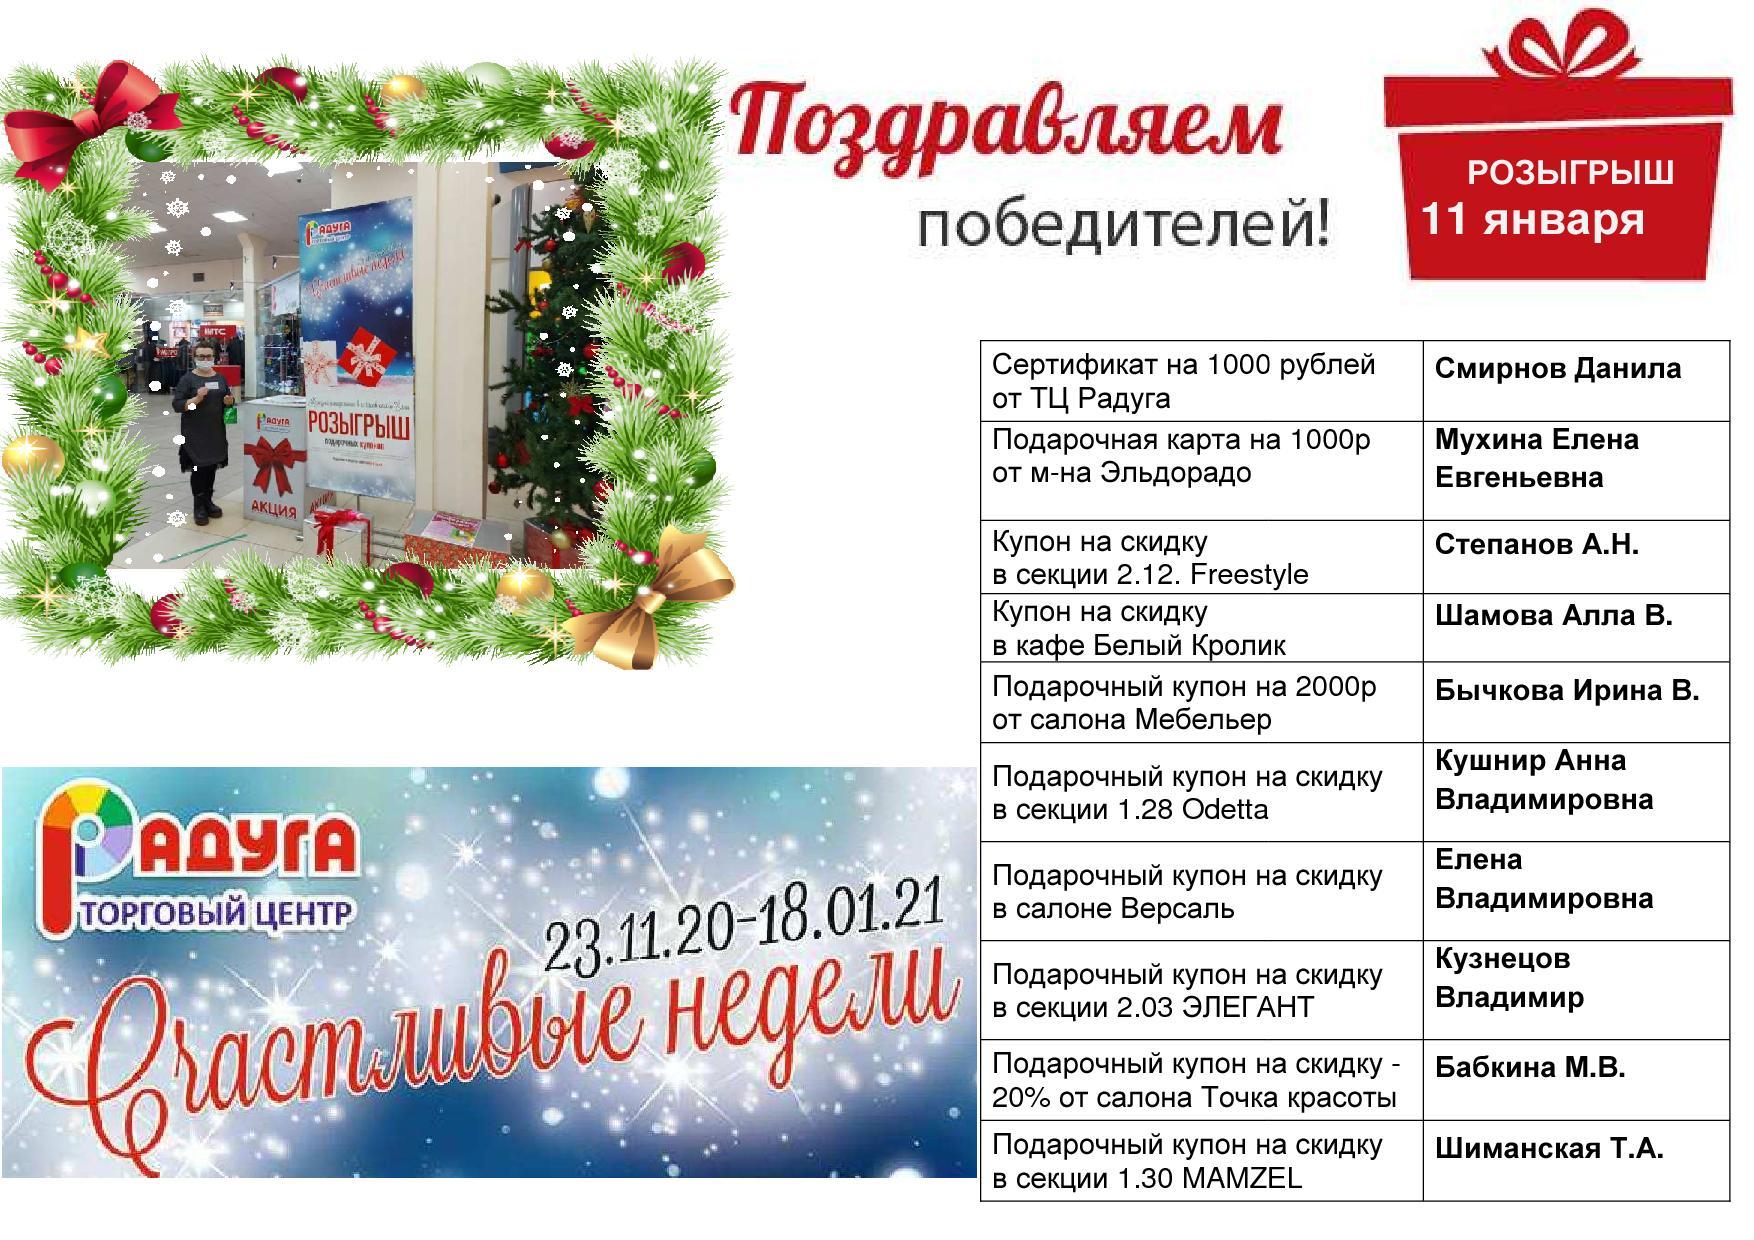 в Новости Розыгрыш 11 января